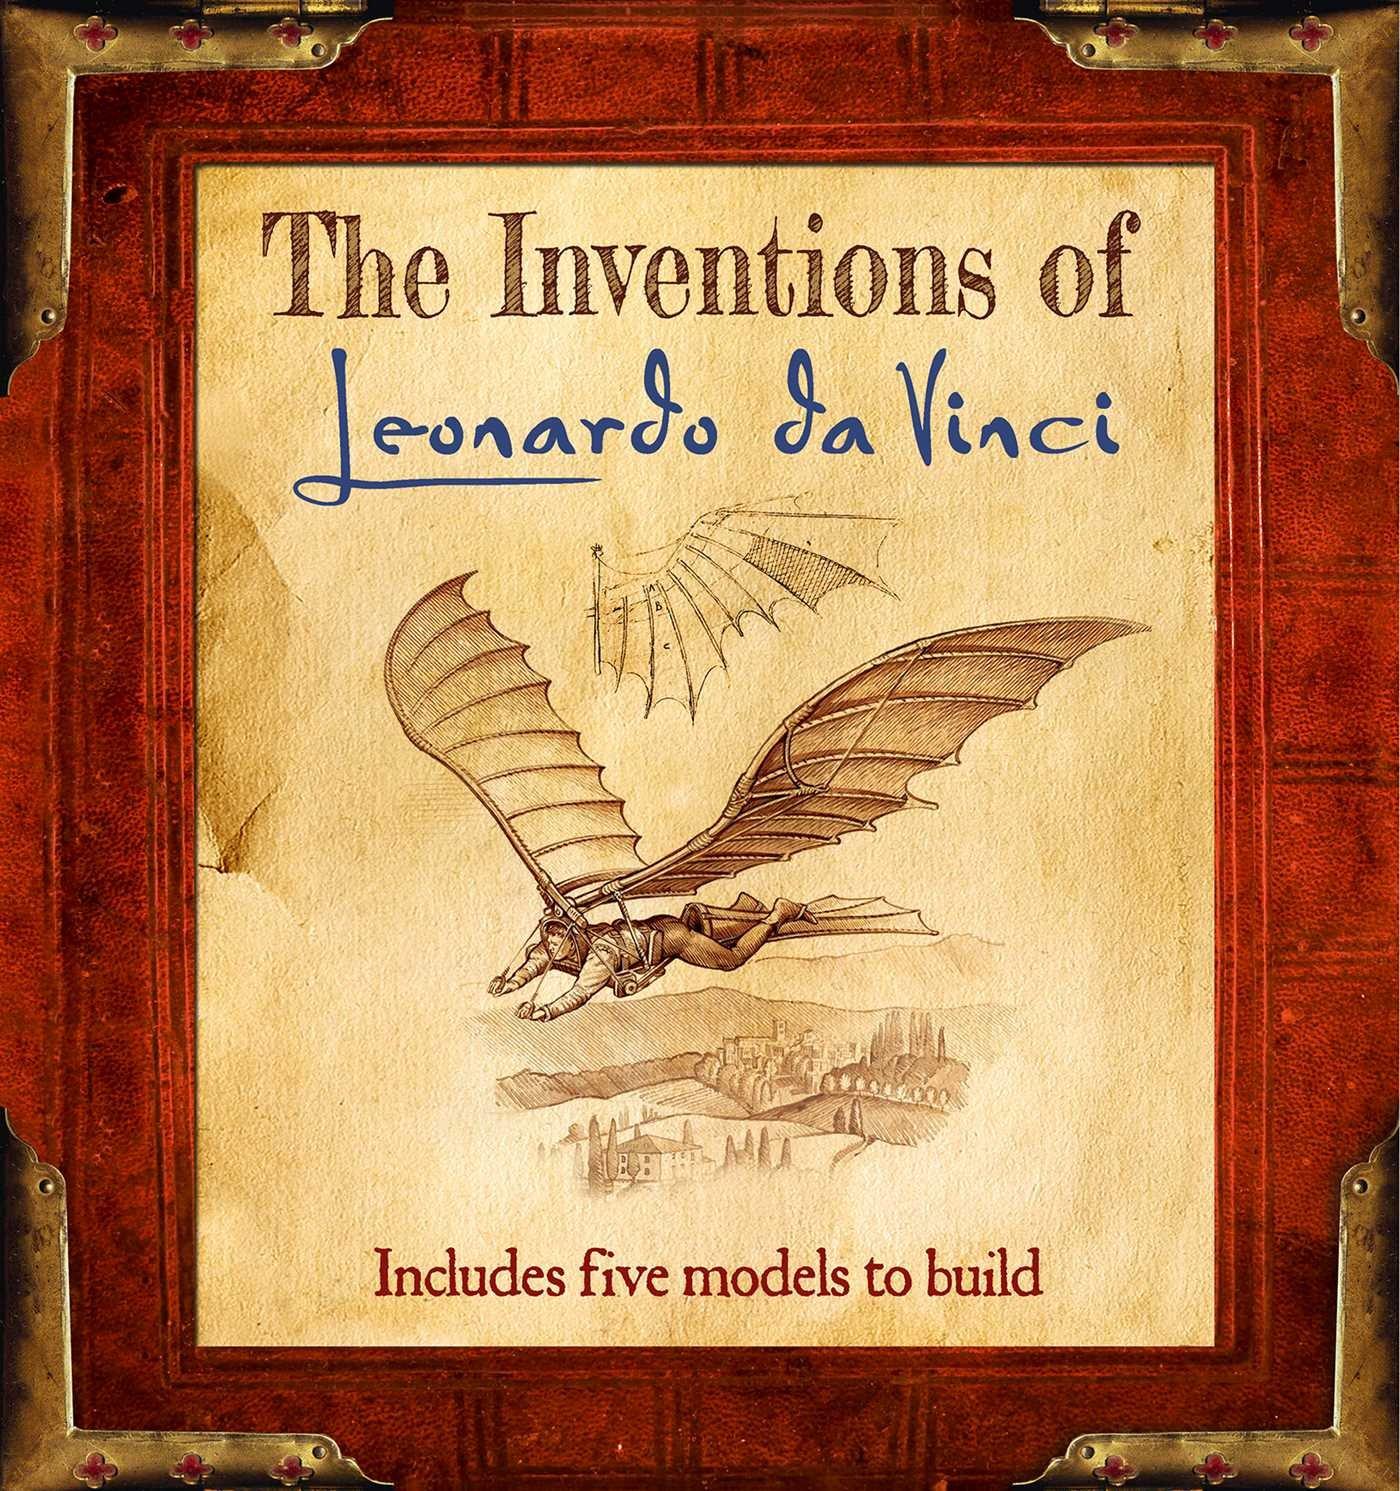 The Inventions of Leonardo da Vinci